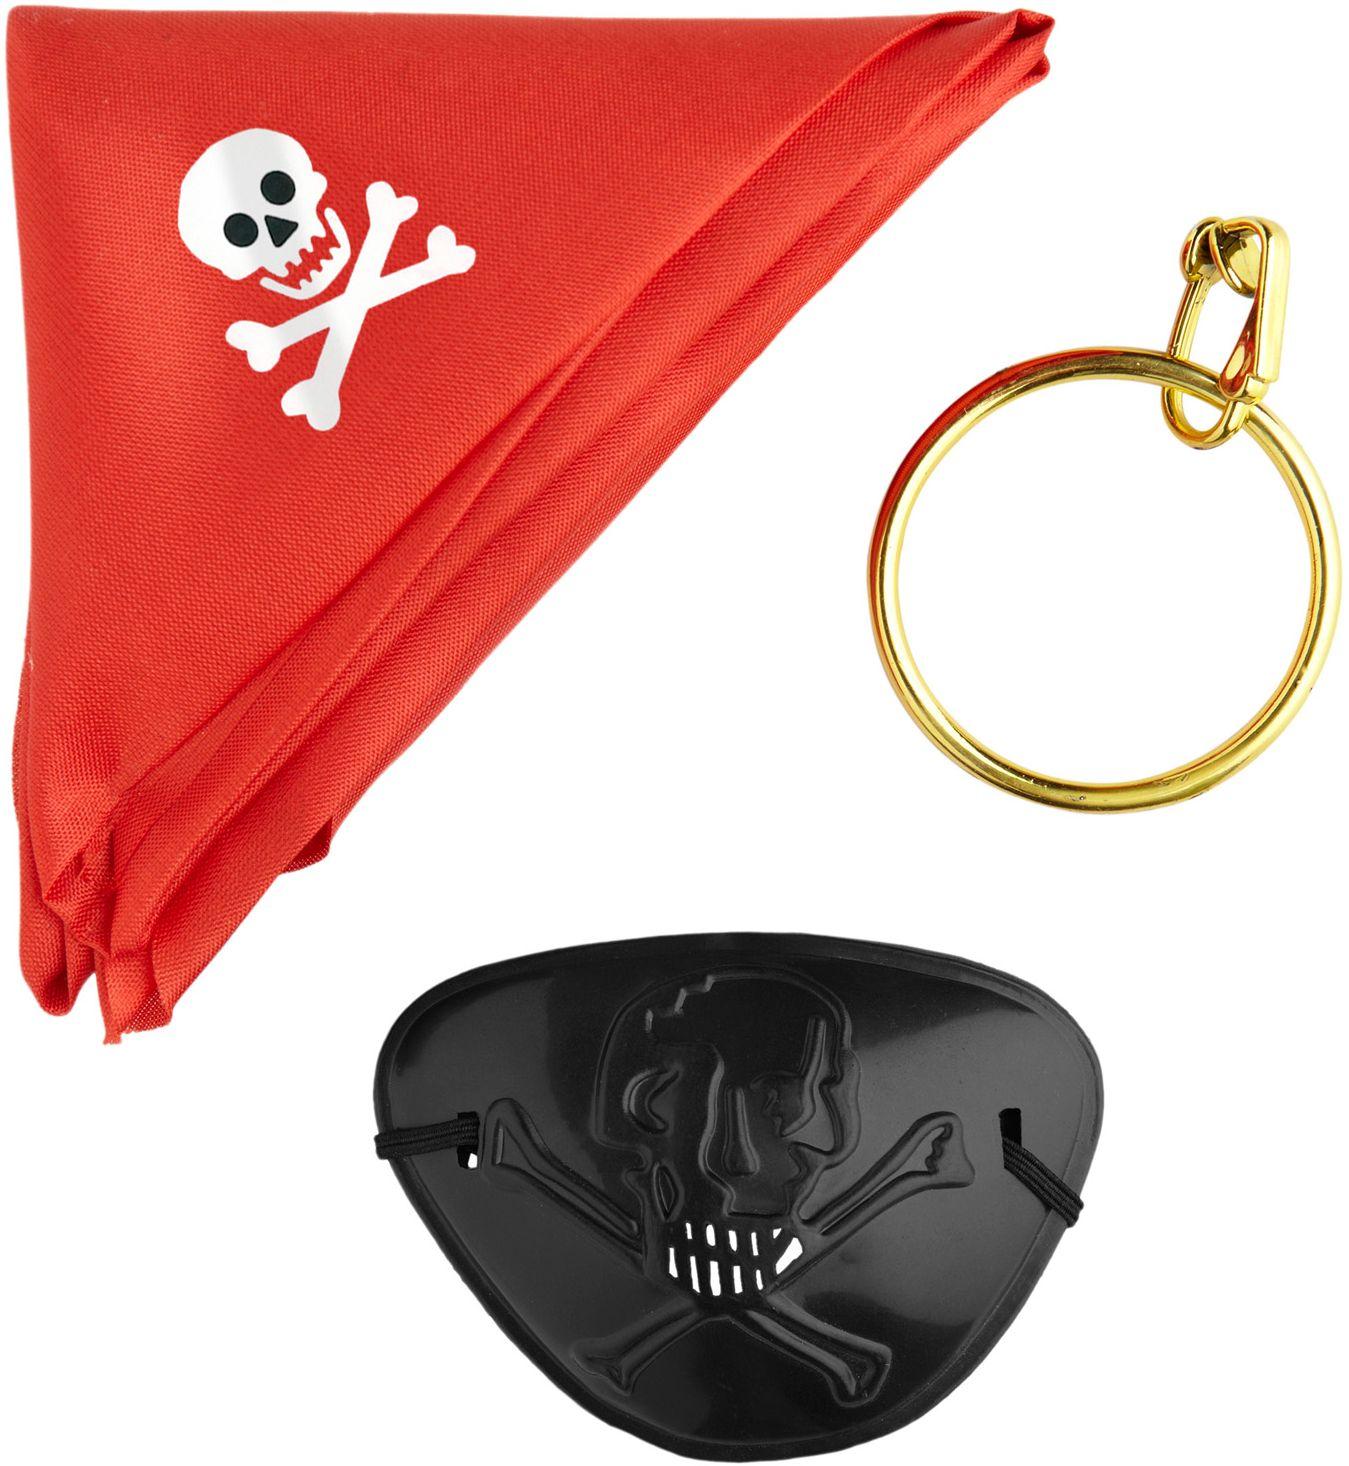 Piraten accessoires set